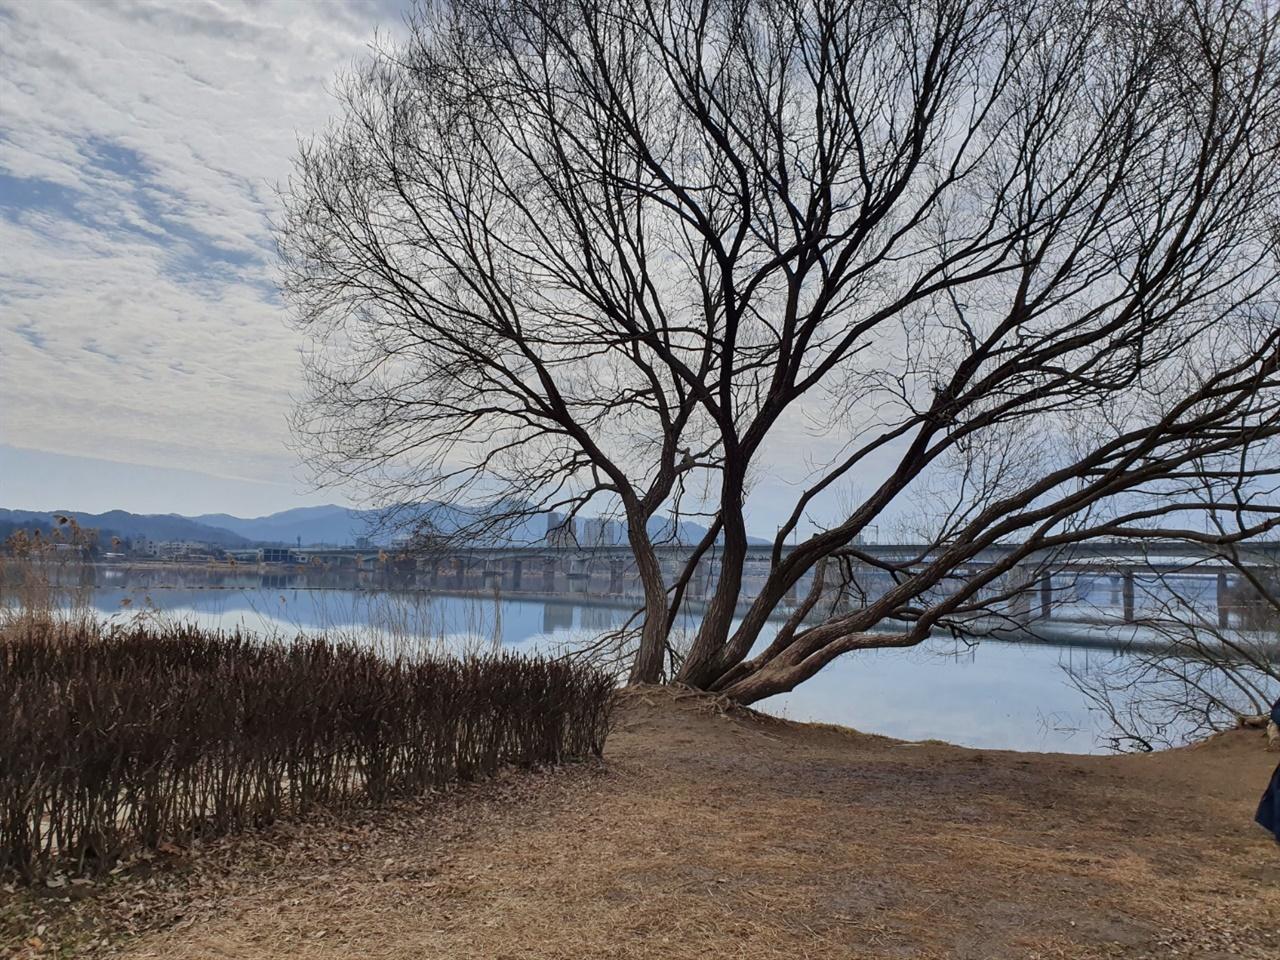 남양주 물의 정원 한강 자전거 길을 따라 북한강으로 갈라지자 마자 보이는 공원 한가롭고 여유로운 한강의 풍경을 즐길 수 있다